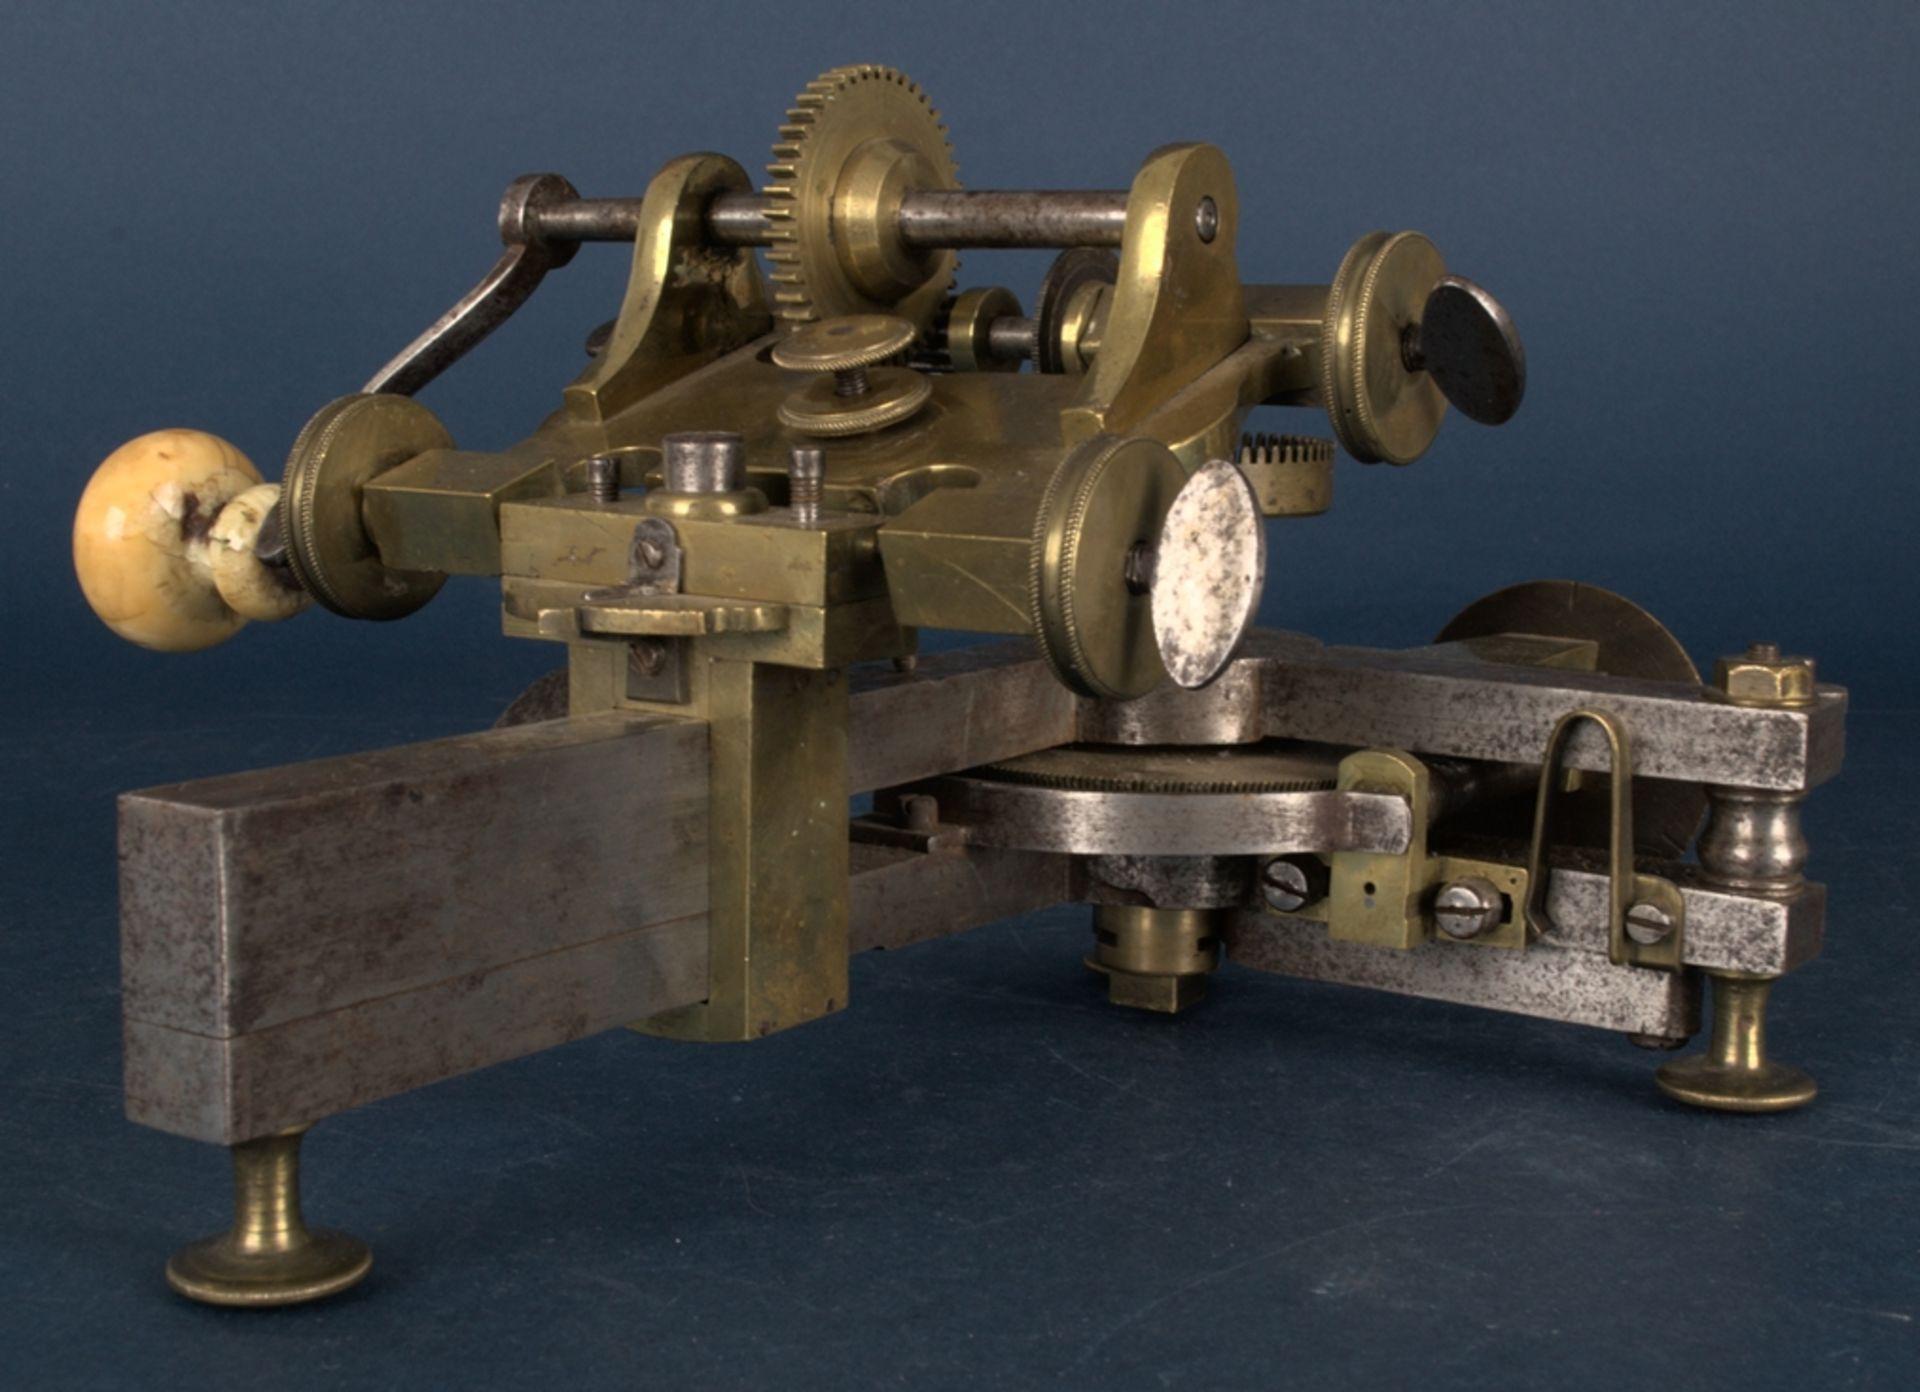 Zahnradfräsmaschine/Zahnräderschneidemaschine, frühes Uhrmacherwerkzeug, deutsch Mitte 18. Jhd., - Bild 22 aus 29